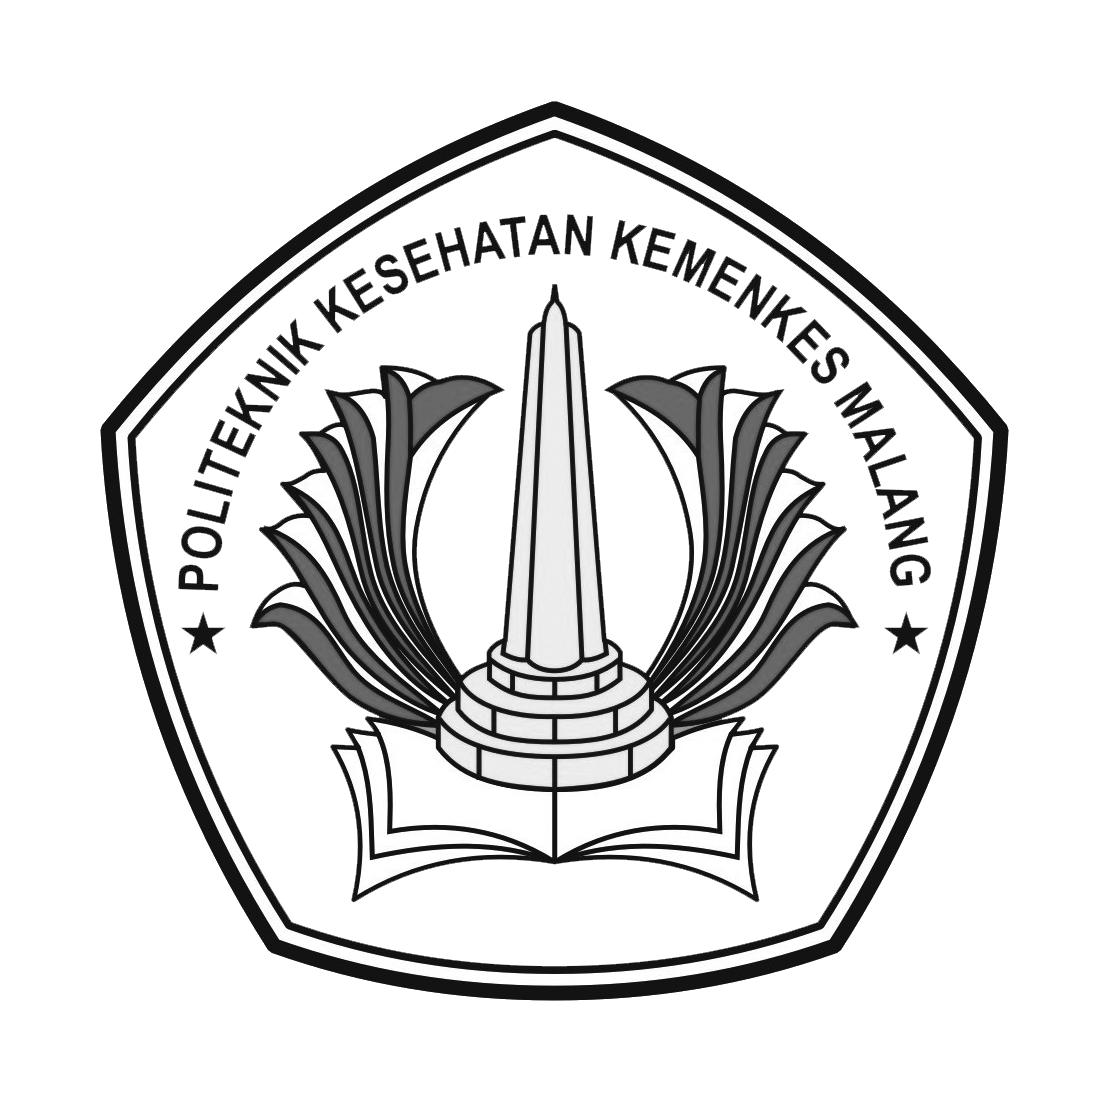 Logo Poltekkes Malang (Politeknik Kesehatan Malang) Hitam Putih